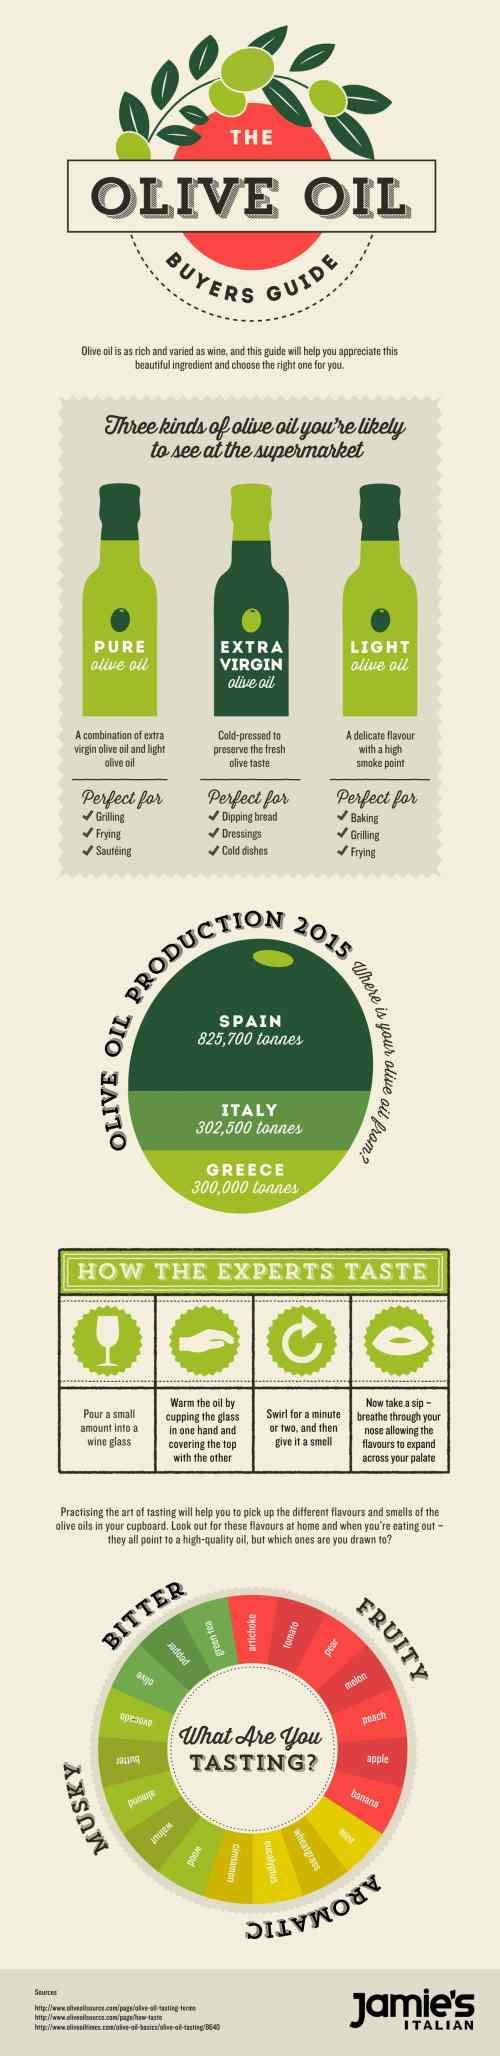 Jamie's Italian Olive Oil Guide